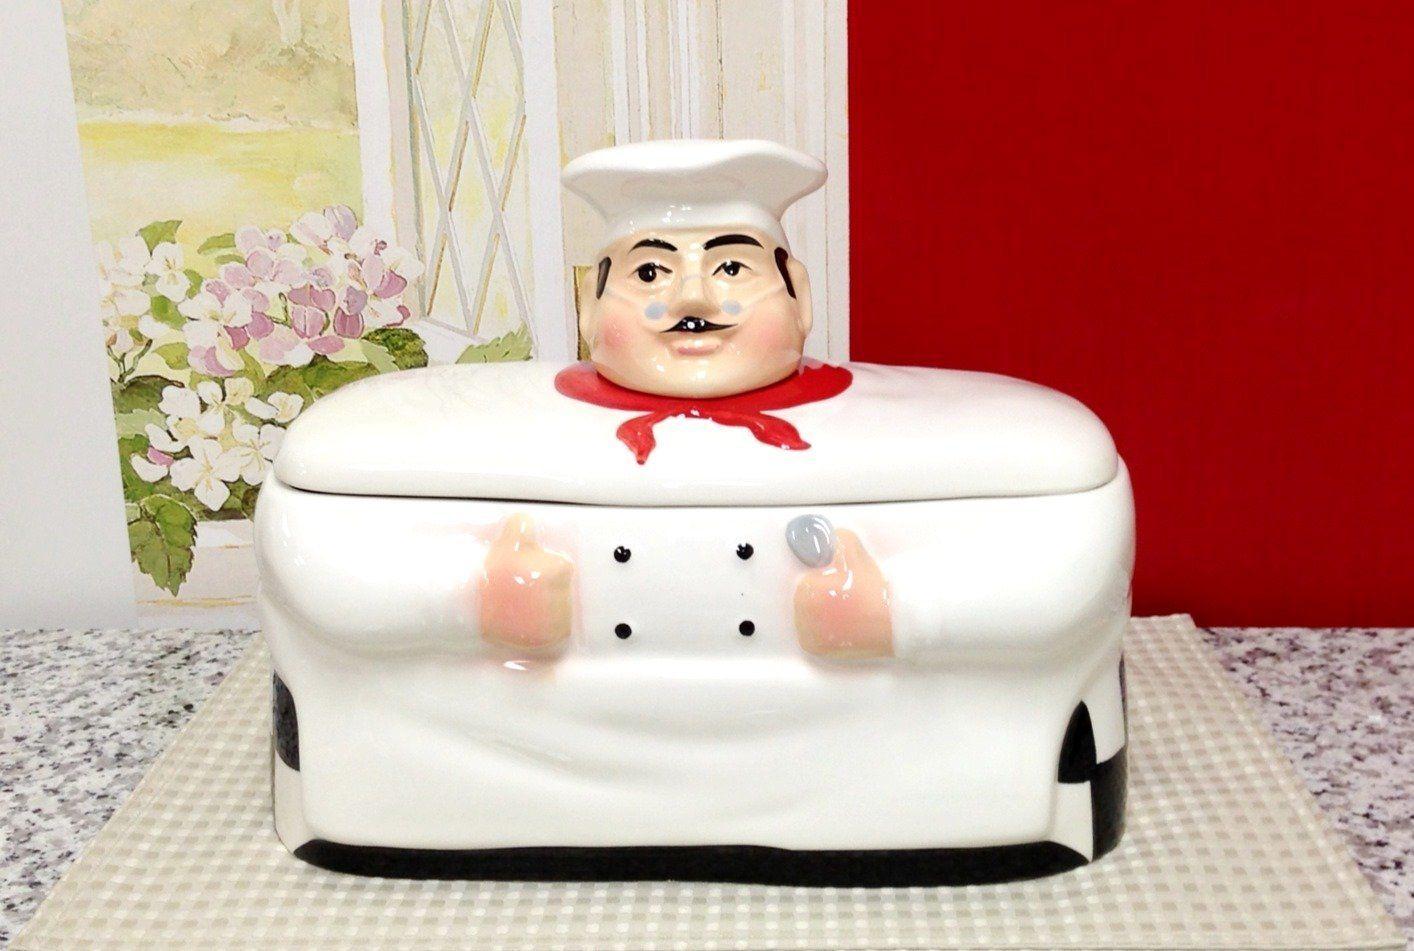 Bistro Fat Chef